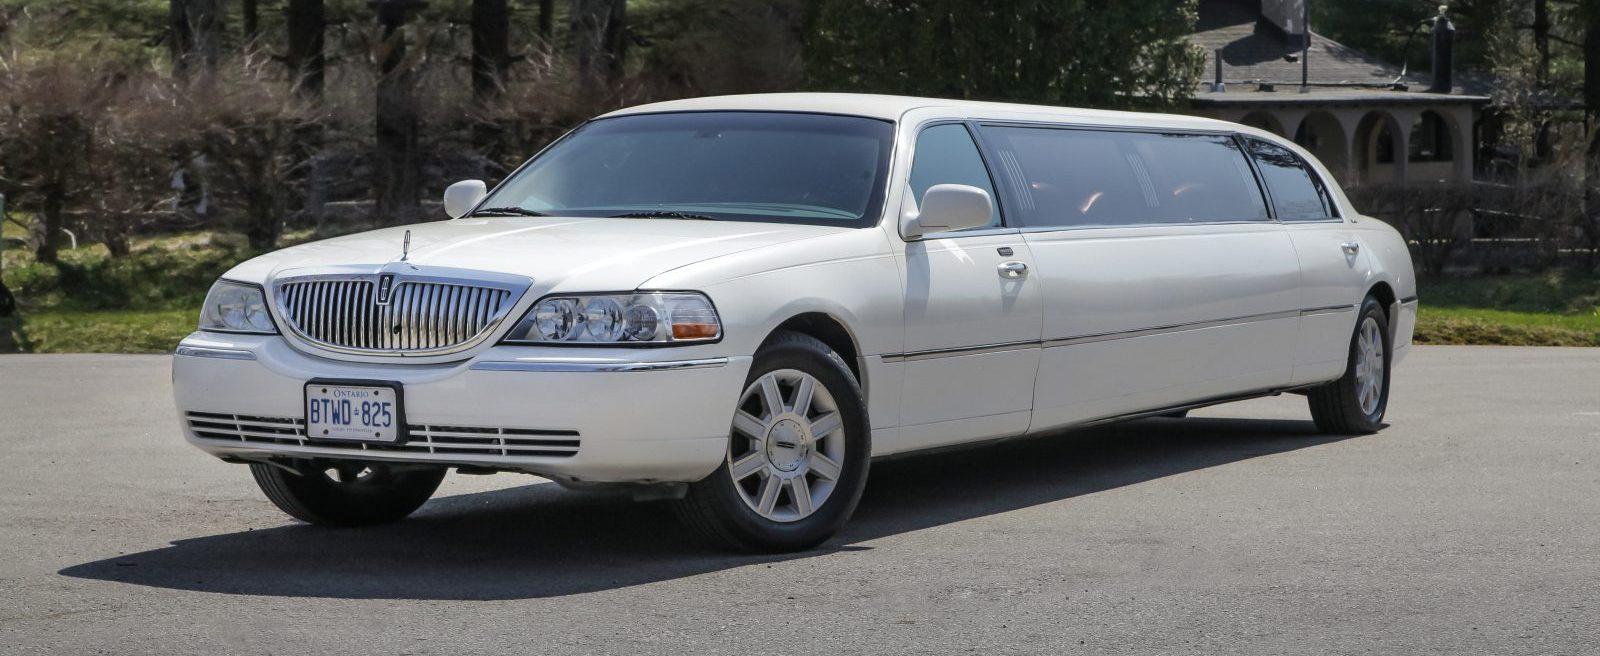 White Stretch Lincoln Town Car Sedan